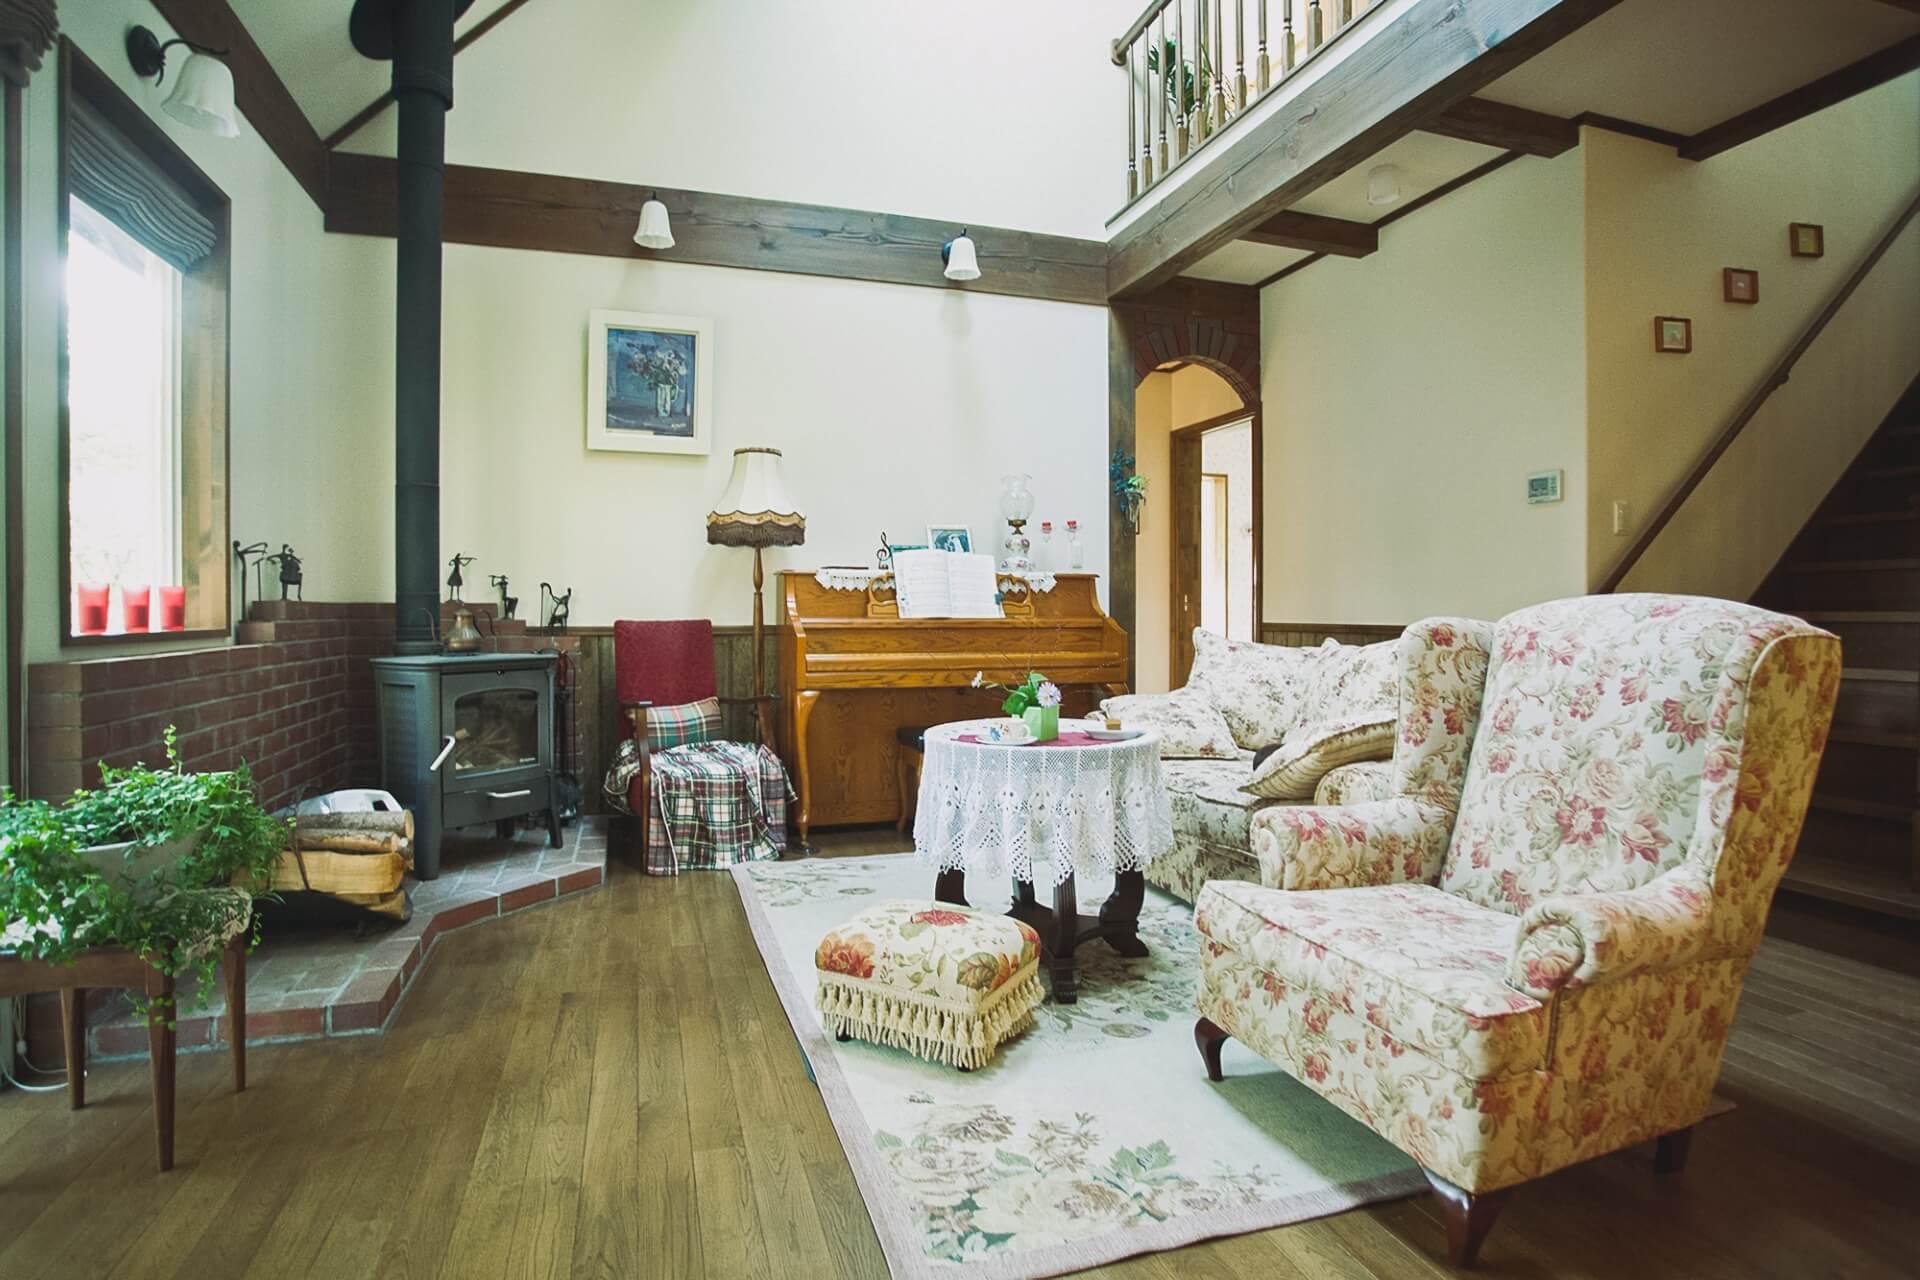 オフホワイトの壁とシックな茶系でまとめた梁、柱がアンティークの家具にしっくりとなじむ。吹き抜け部分には天窓からほどよい自然光が差し込んでいる